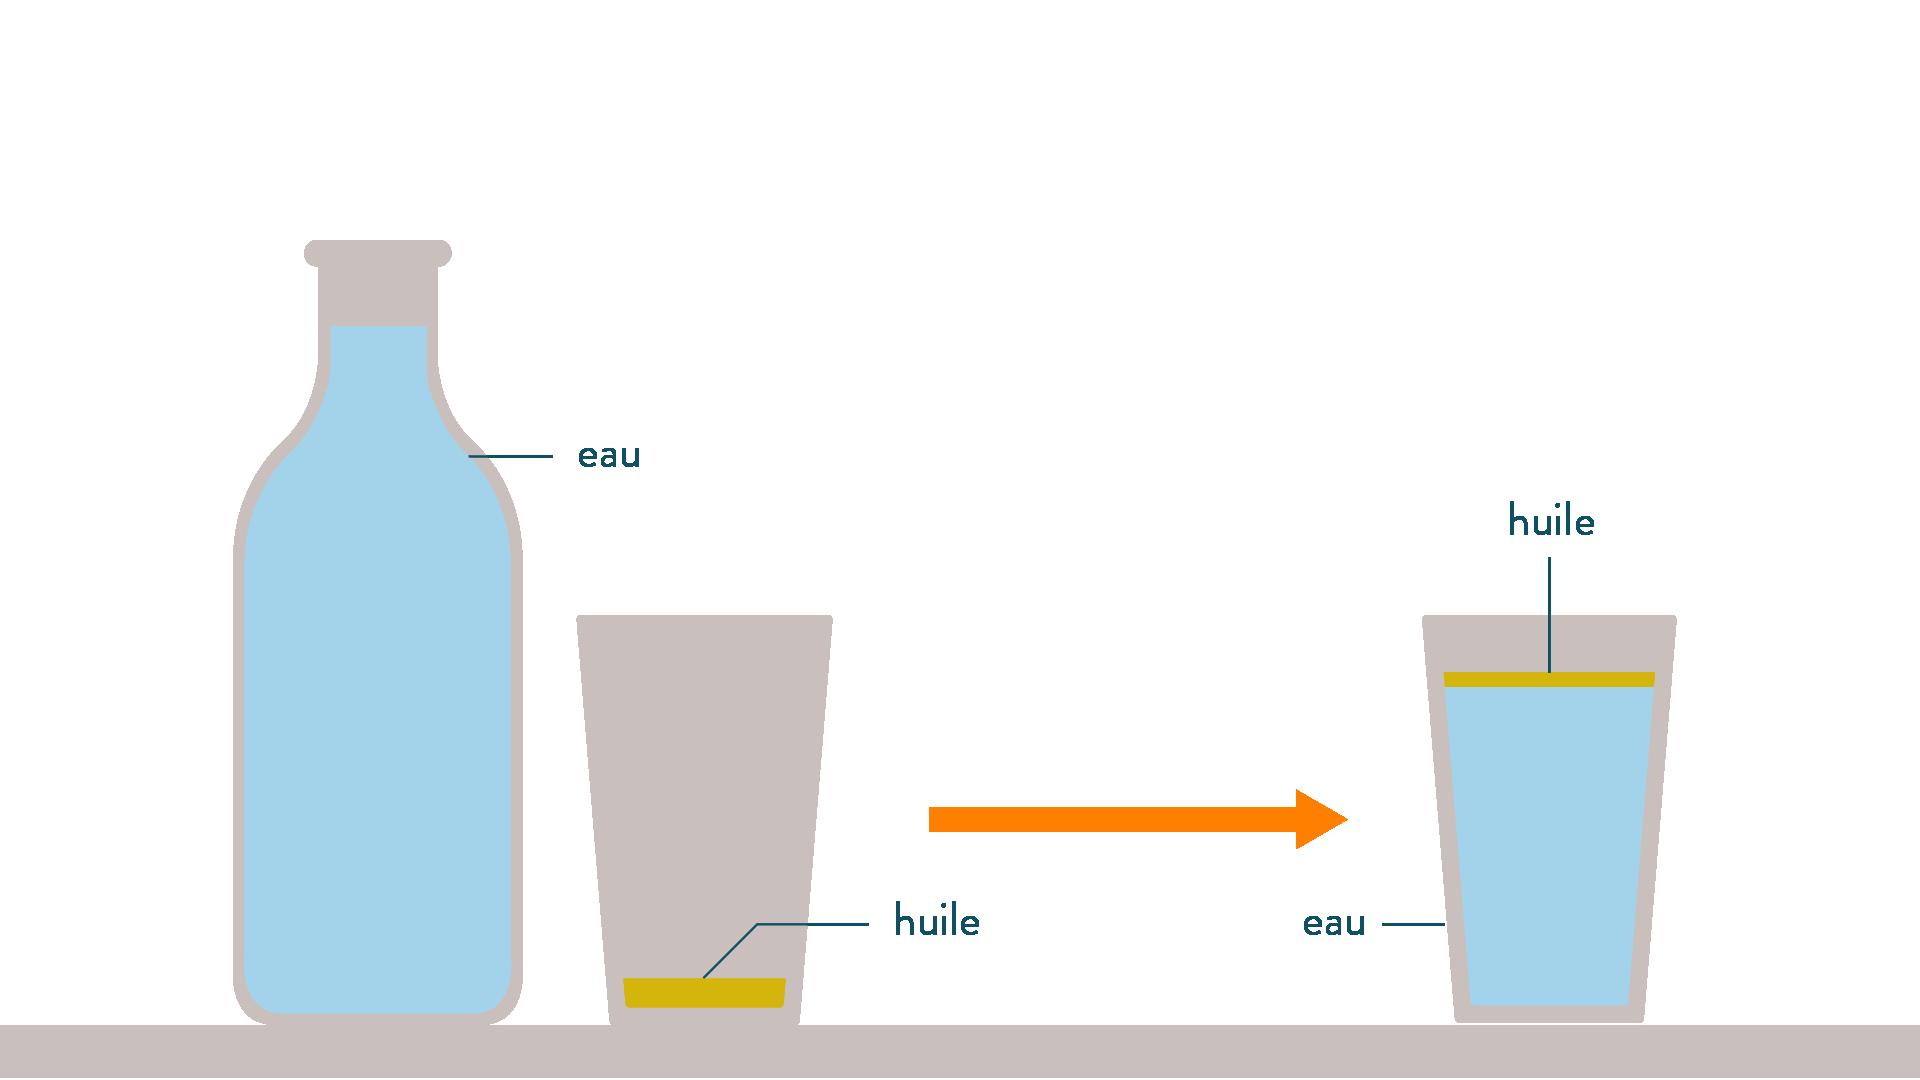 Mélange huile eau